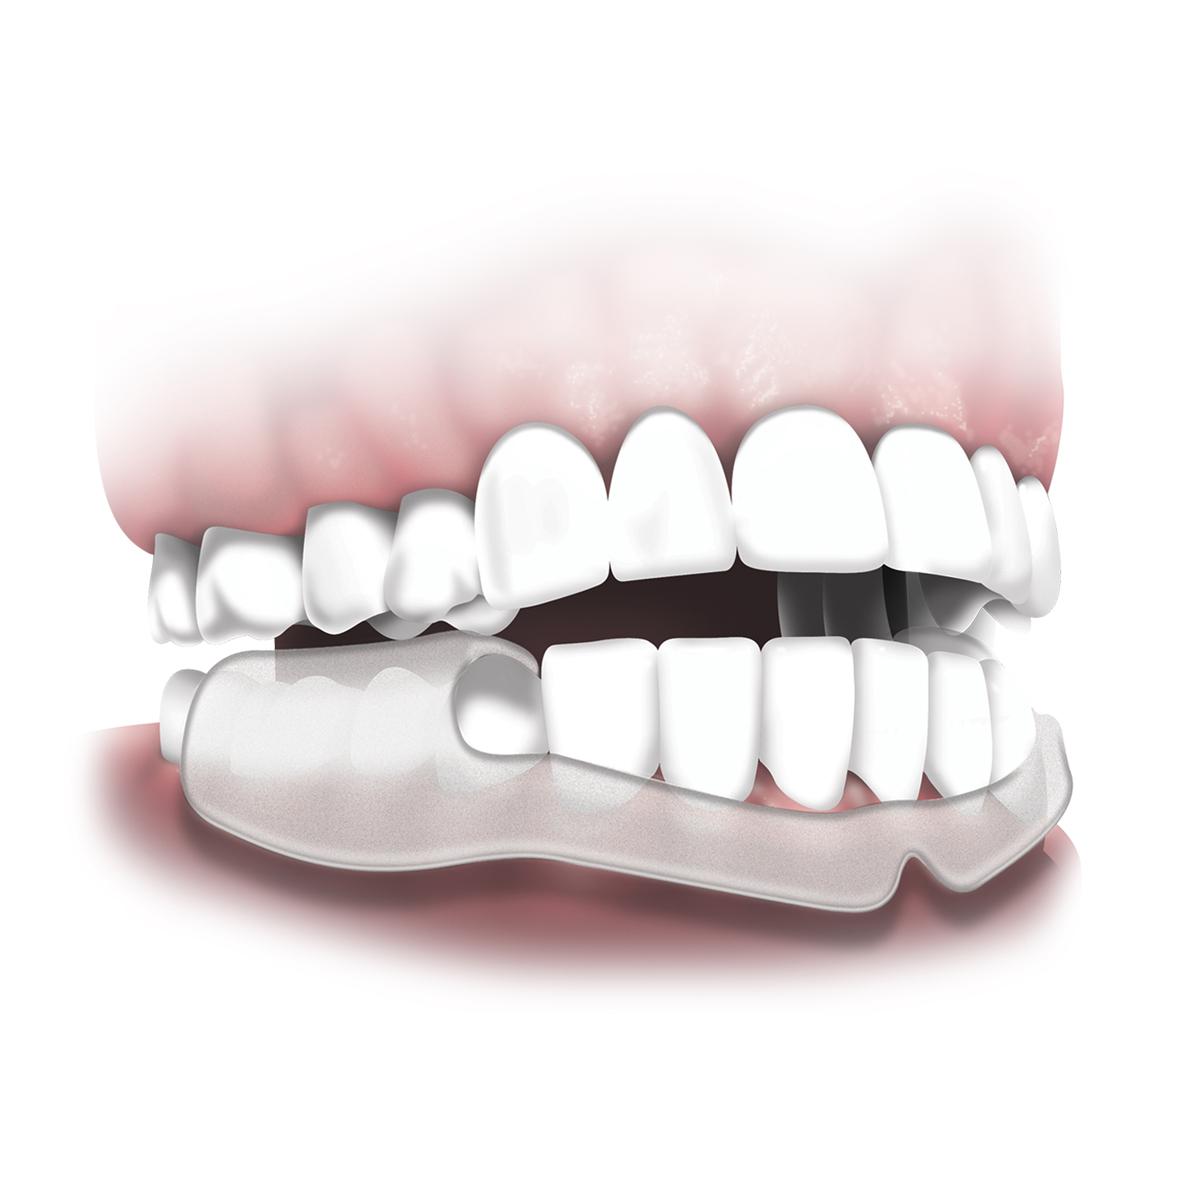 プラッカーズ・歯ぎしり防止イージープロテクター 10個入